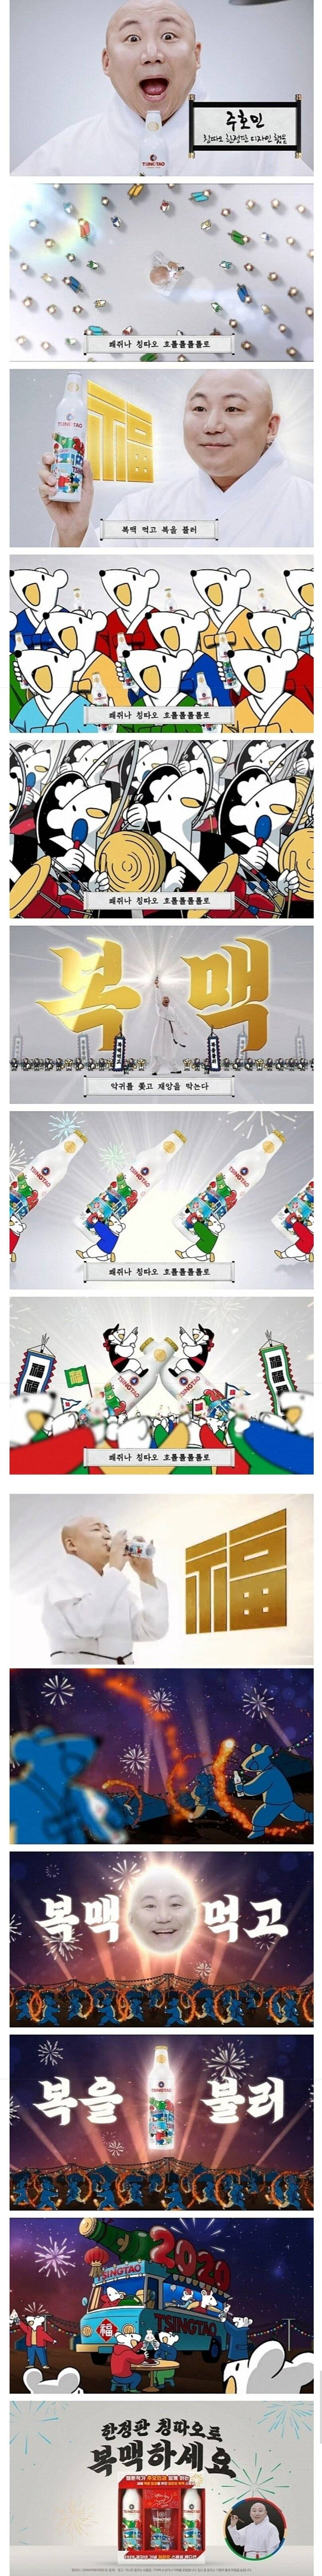 중국맥주 광고찍은 파괴신 주호민.jpg | 인스티즈